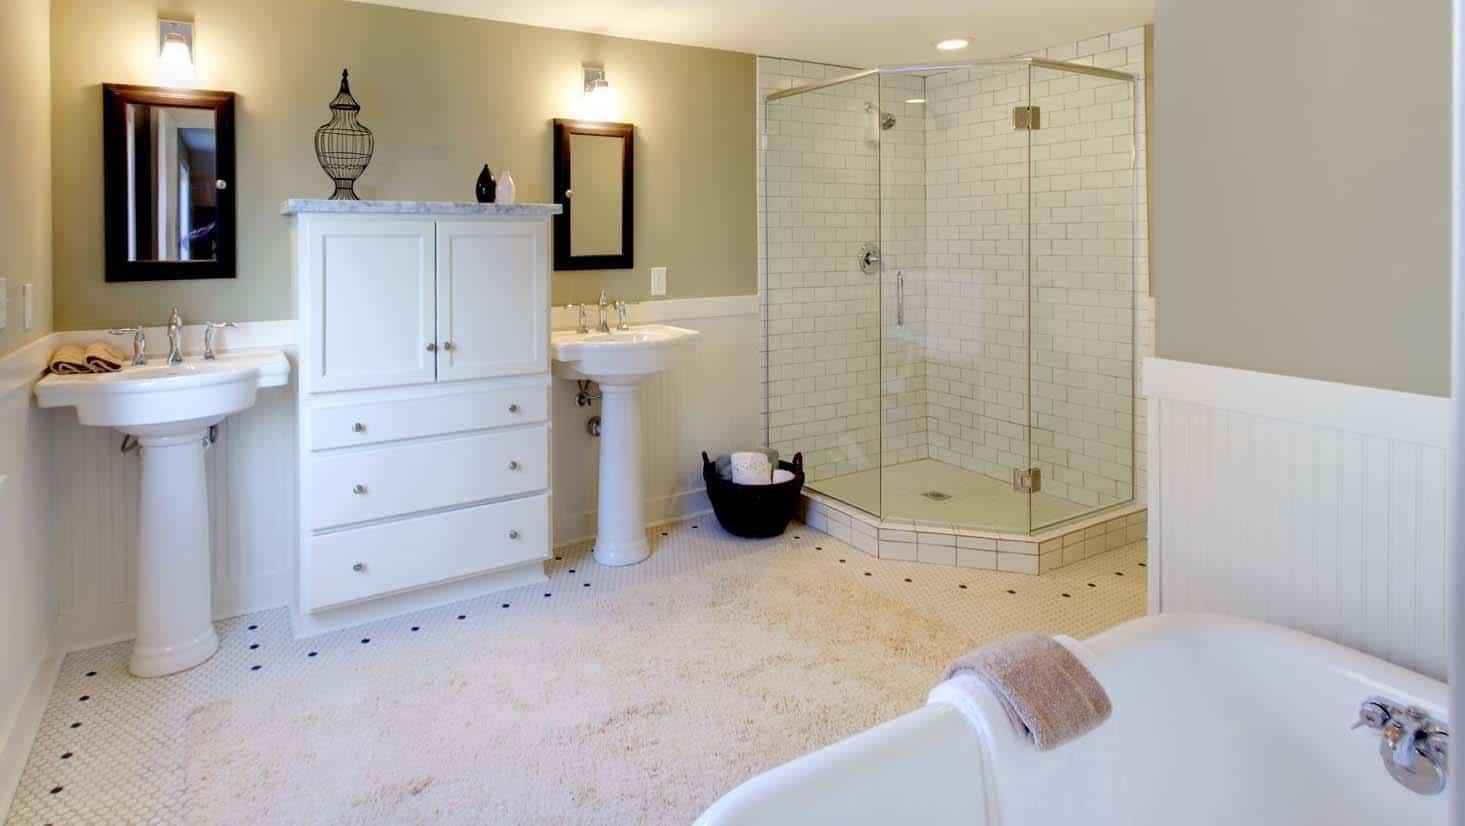 Bathroom remodeling in yuba city ca chico ca sacramento for Kitchen remodel yuba city ca